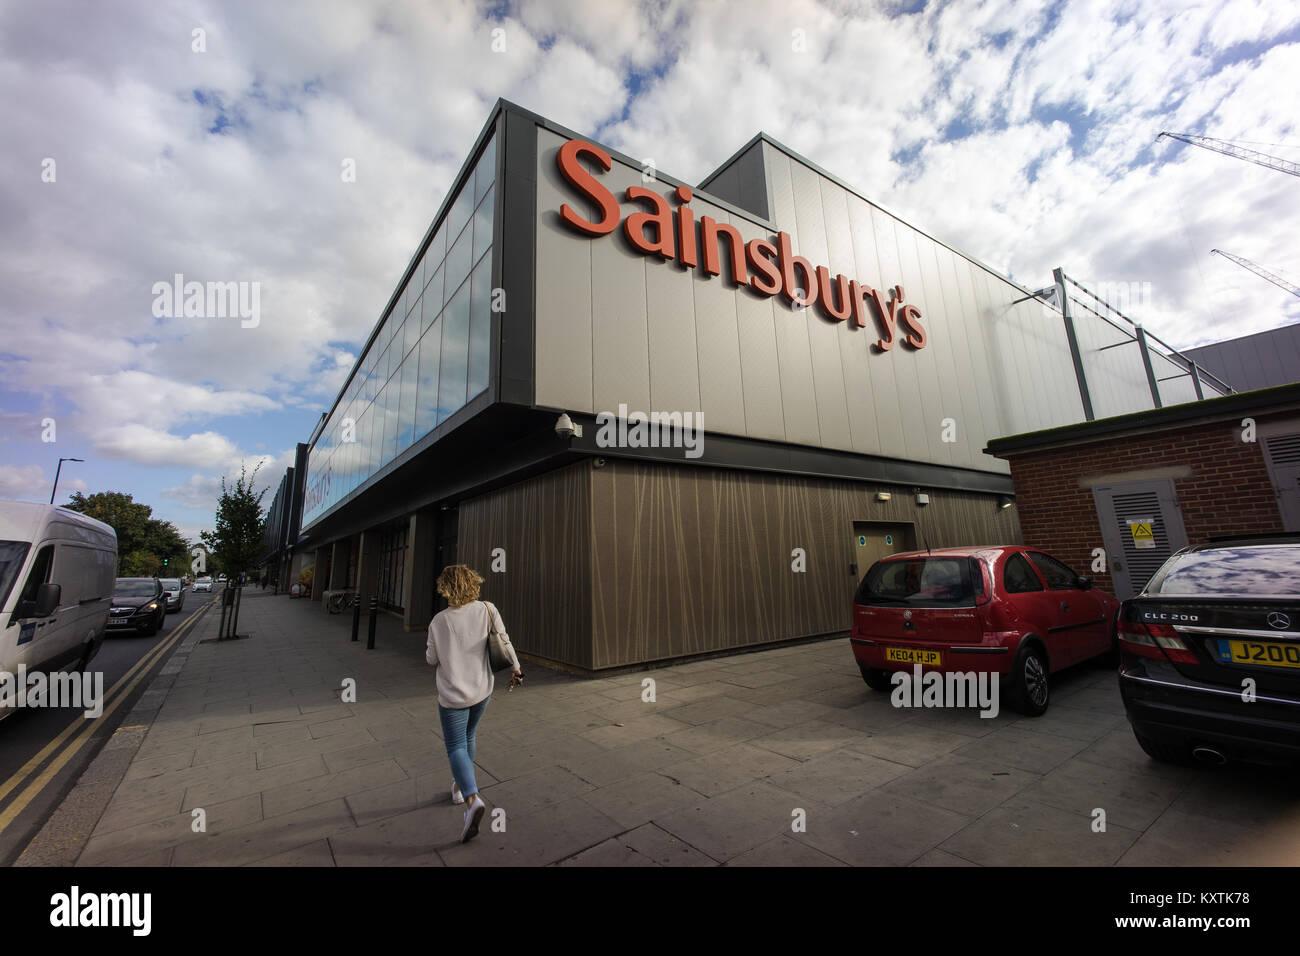 Sainsbury's supermarket, London Borough of Haringey - Stock Image